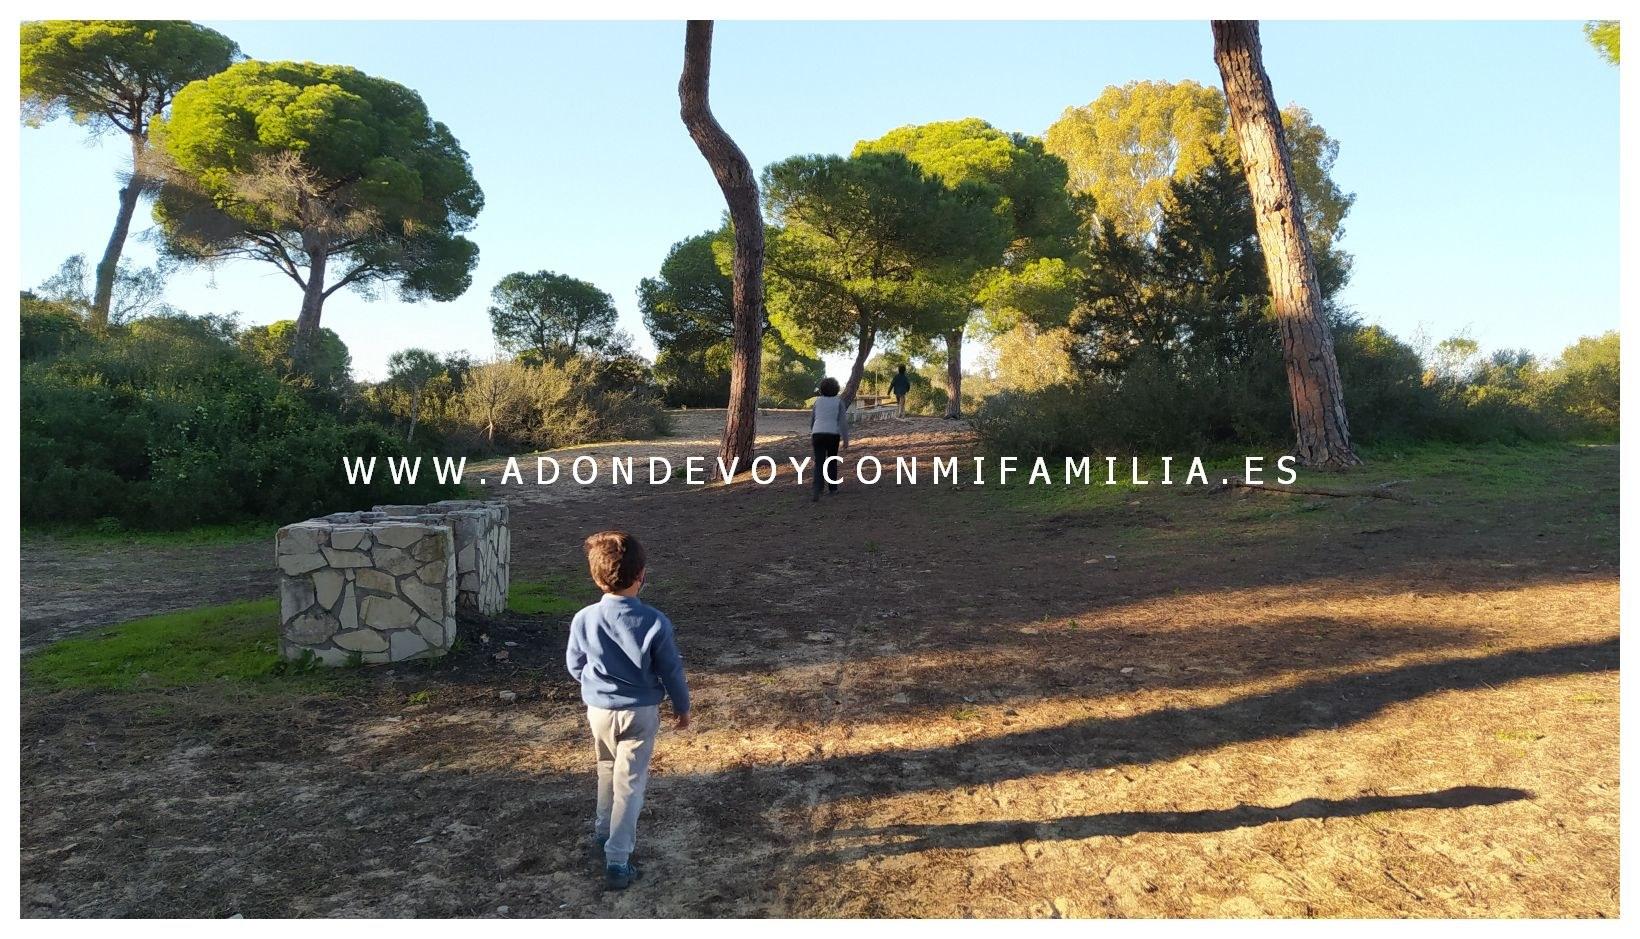 area-recreativa-la-ermita-adondevoyconmifamilia-12